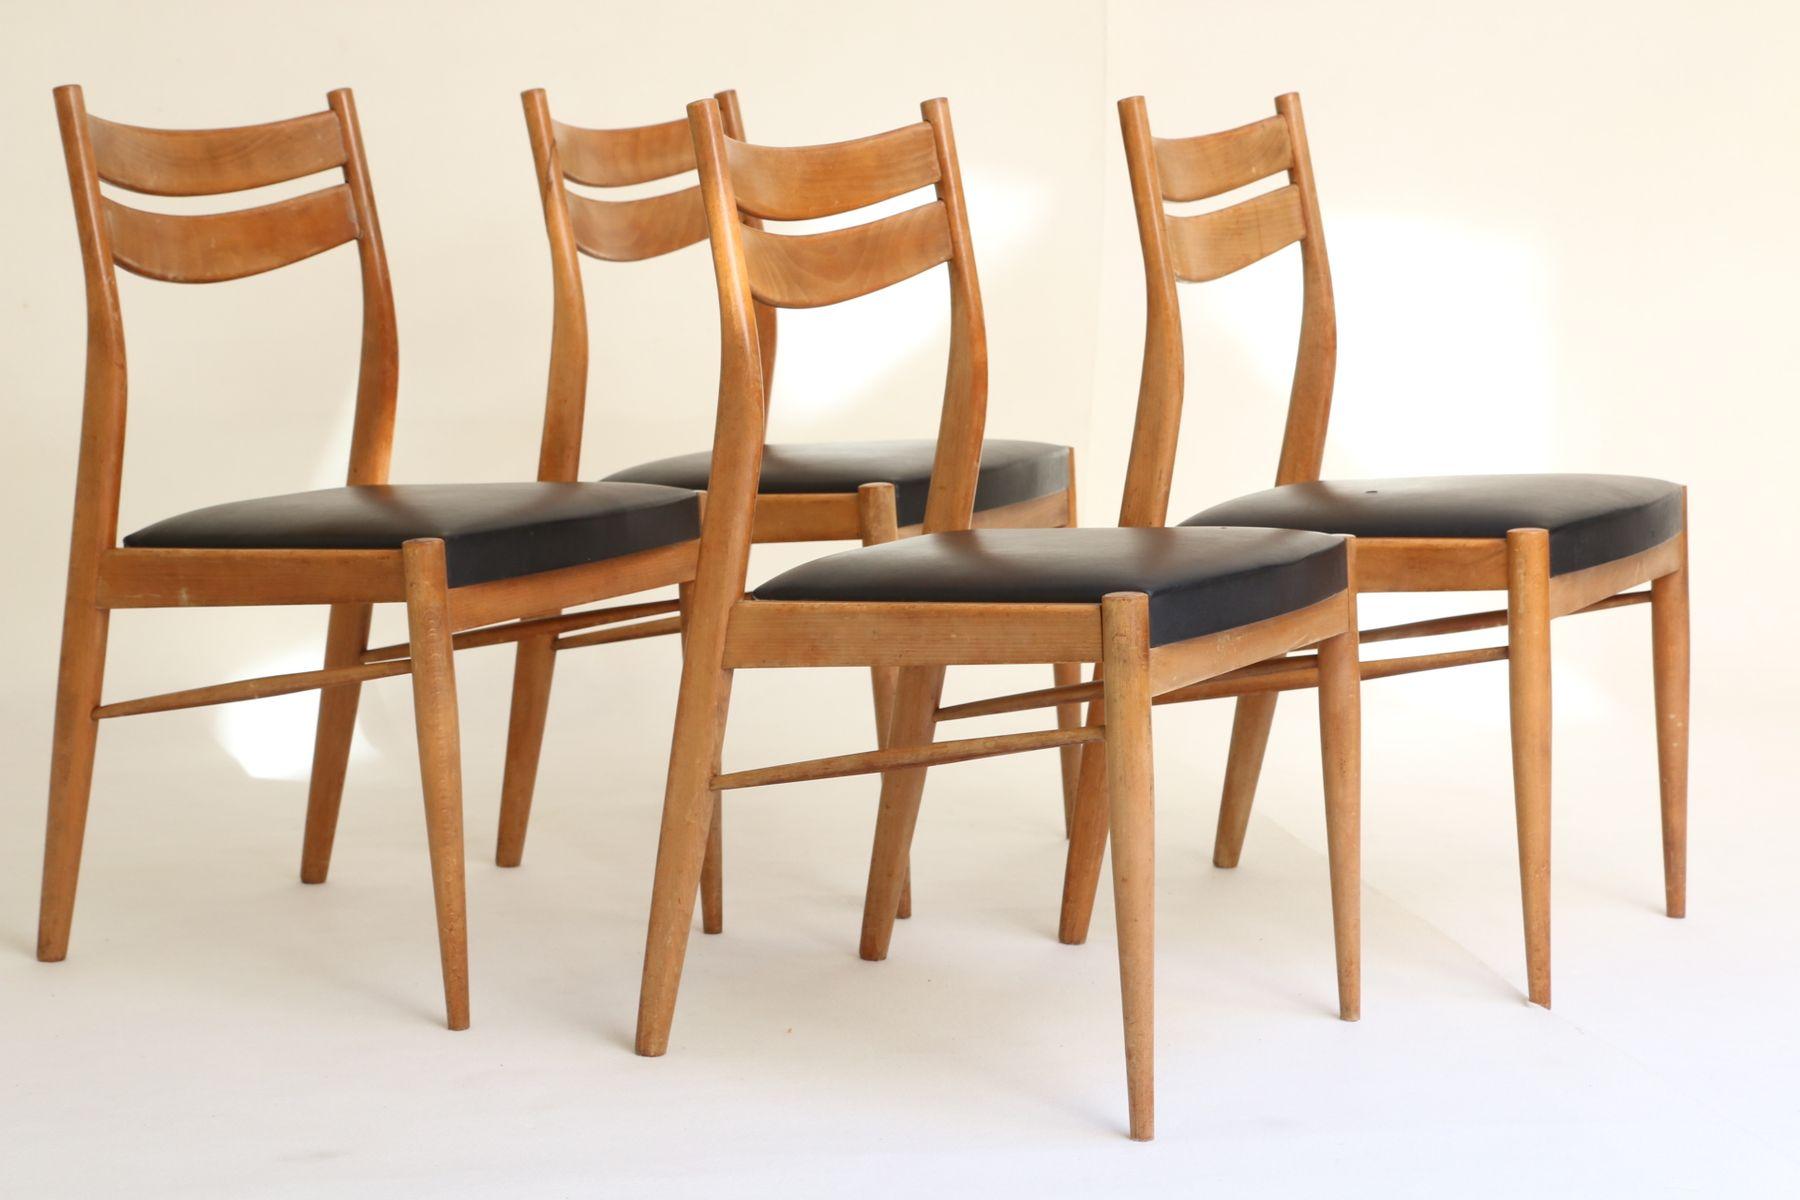 sedie vintage di oswald vermaercke per vform, belgio, anni '60 ... - Sedie Vintage Anni 60